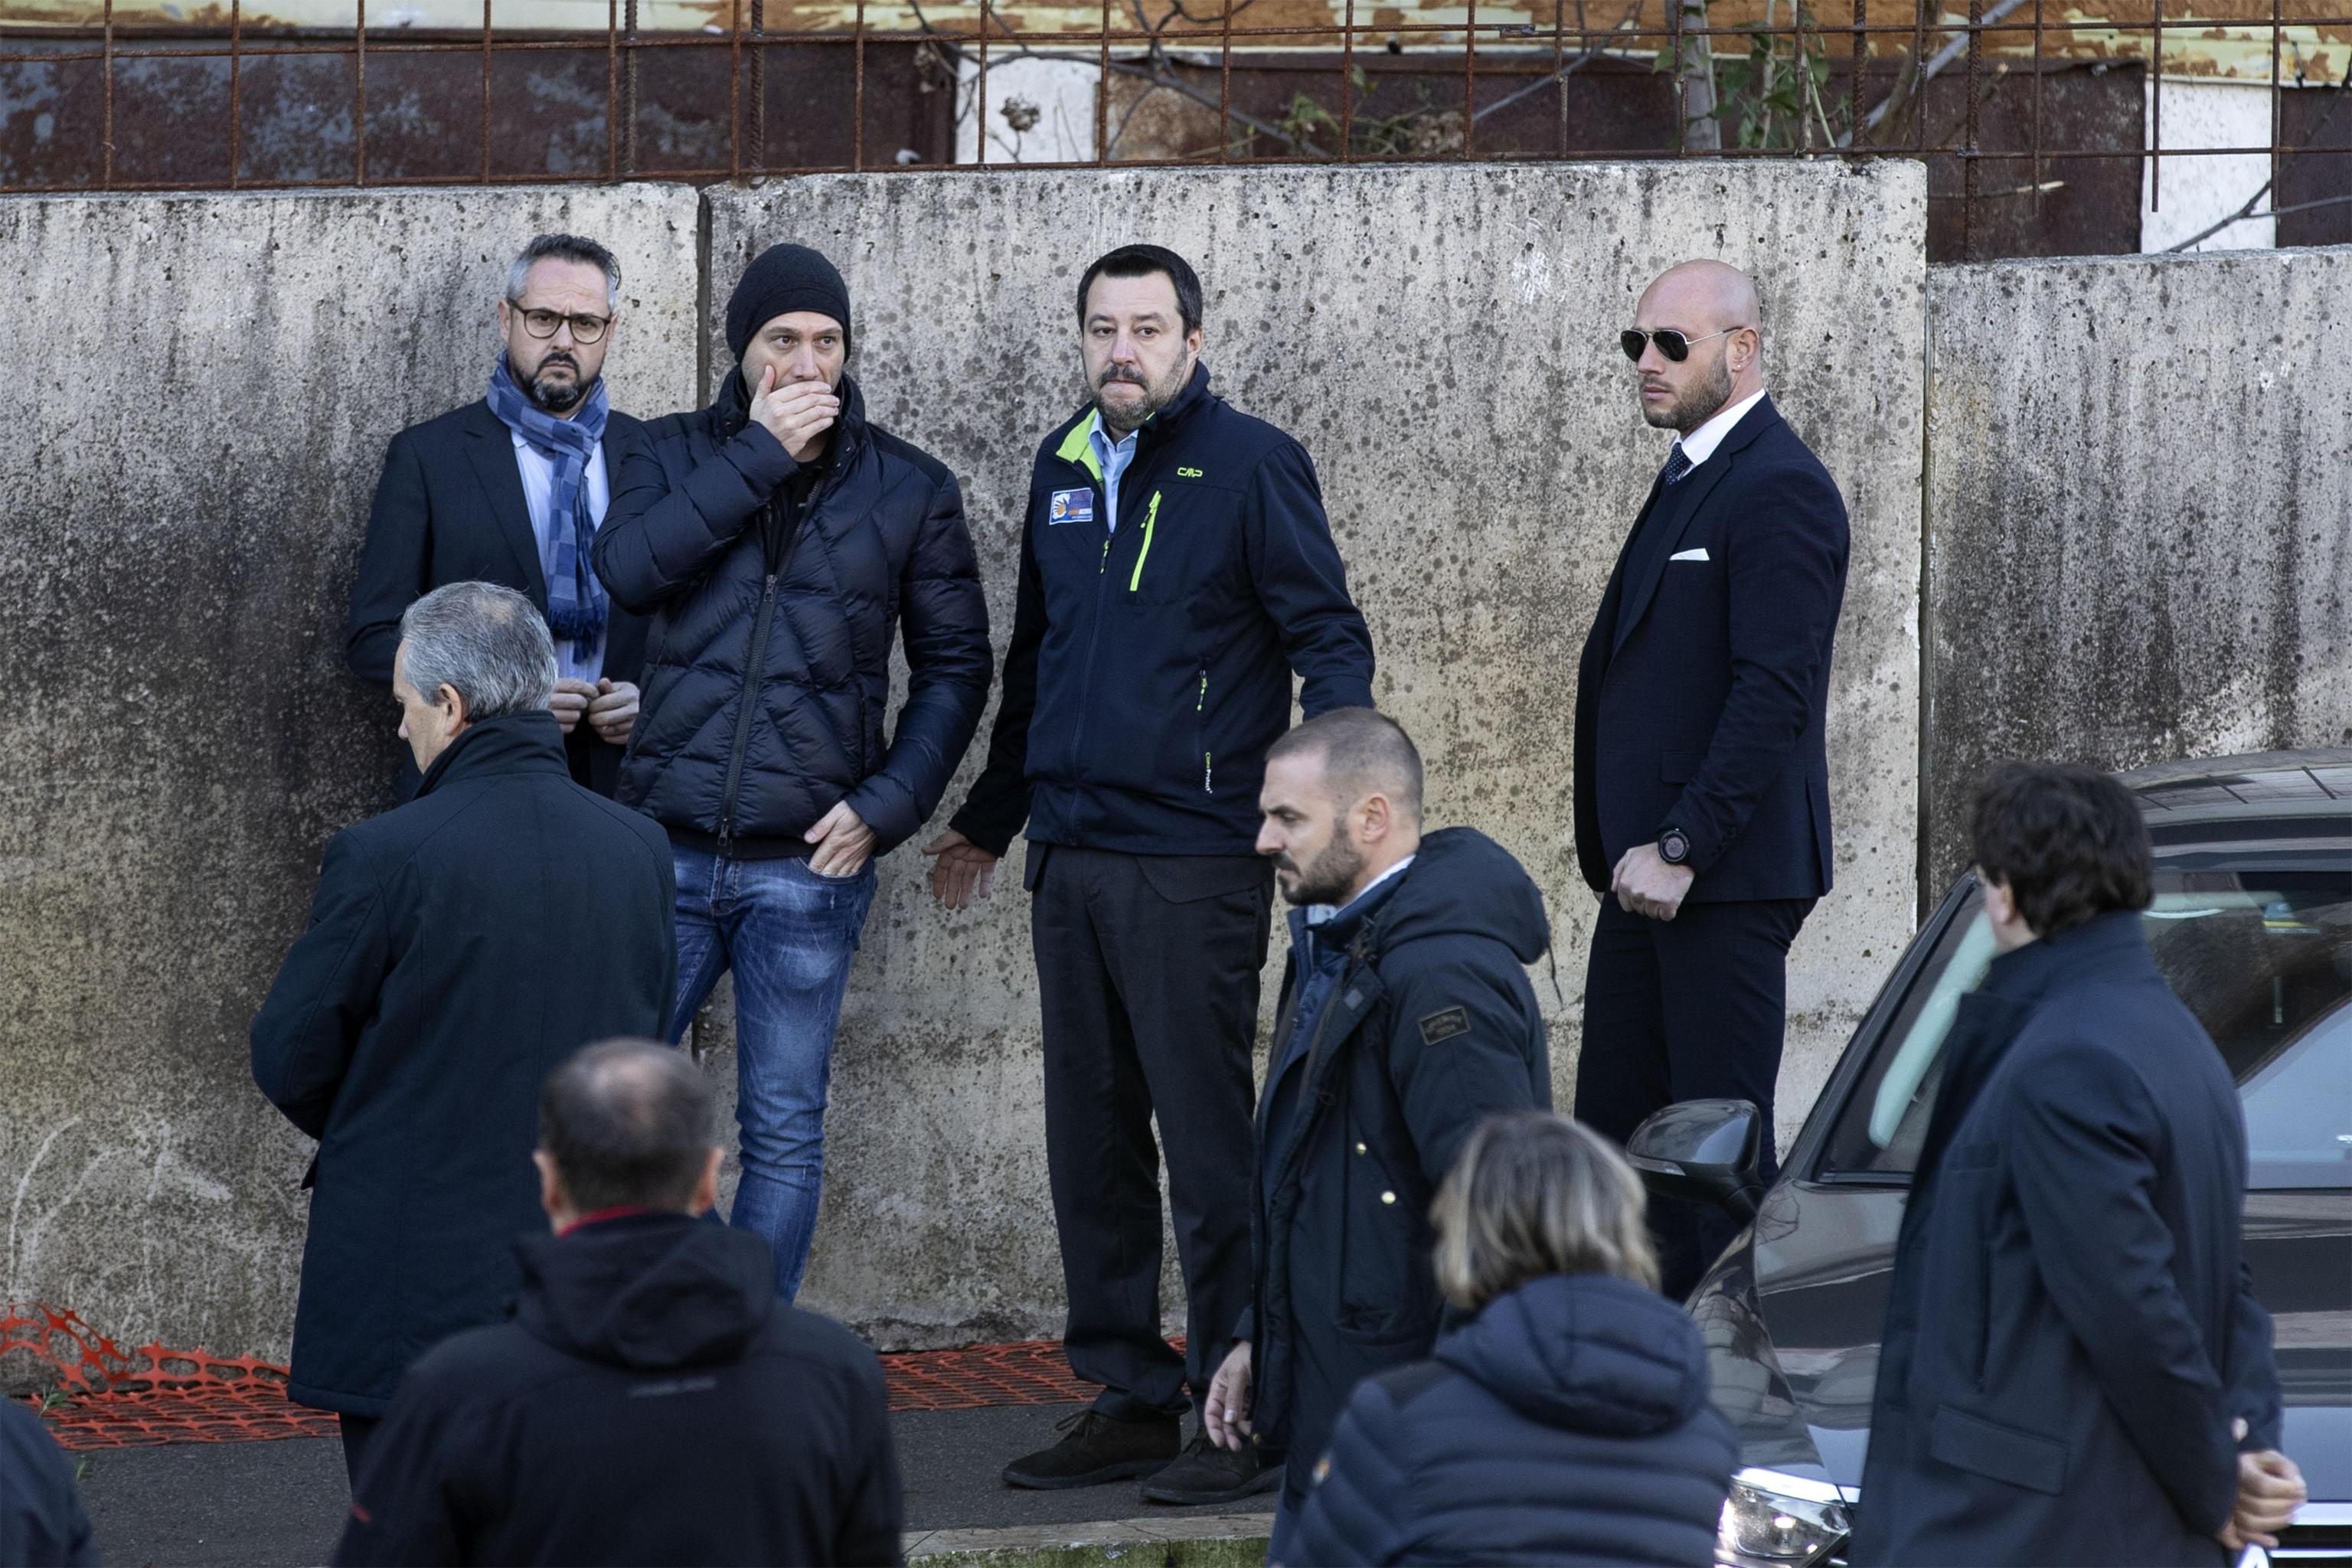 Il ministro dell'Interno e vicepremier Matteo Salvini  nello stabile dell'ex fabbrica di Penicillina dove da stamattina è in corso lo sgombero a Roma, 10 dicembre 2018.  ANSA/PERI - PERCOSSI